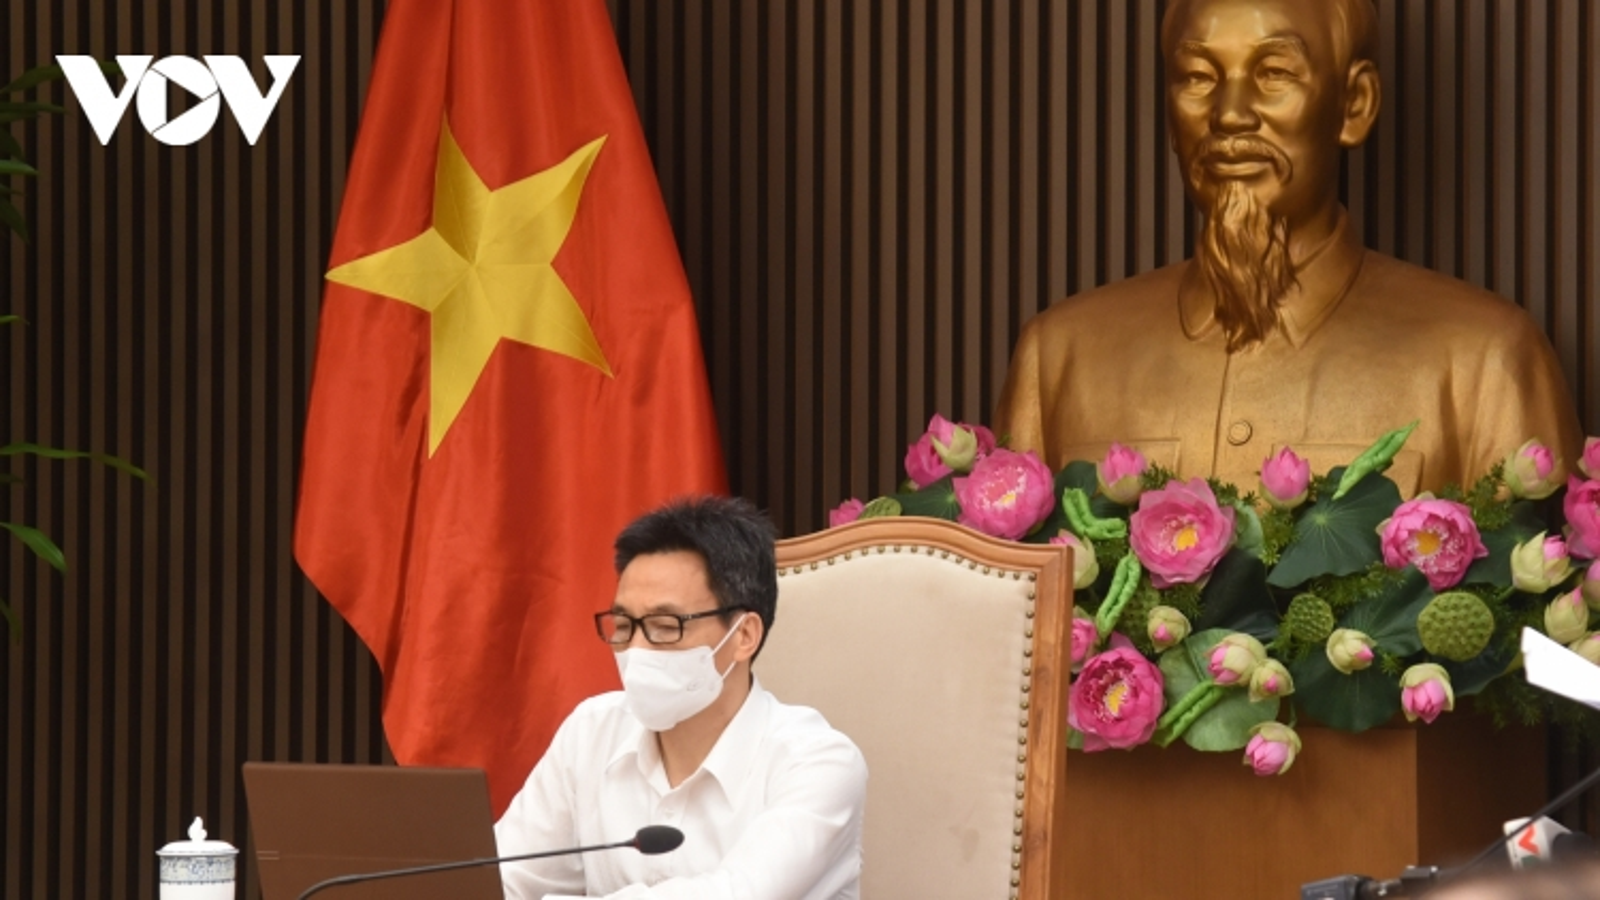 Phó Thủ tướng Vũ Đức Đam: Tiền Giang phải sẵn sàng cho mọi tình huống dịch bệnh